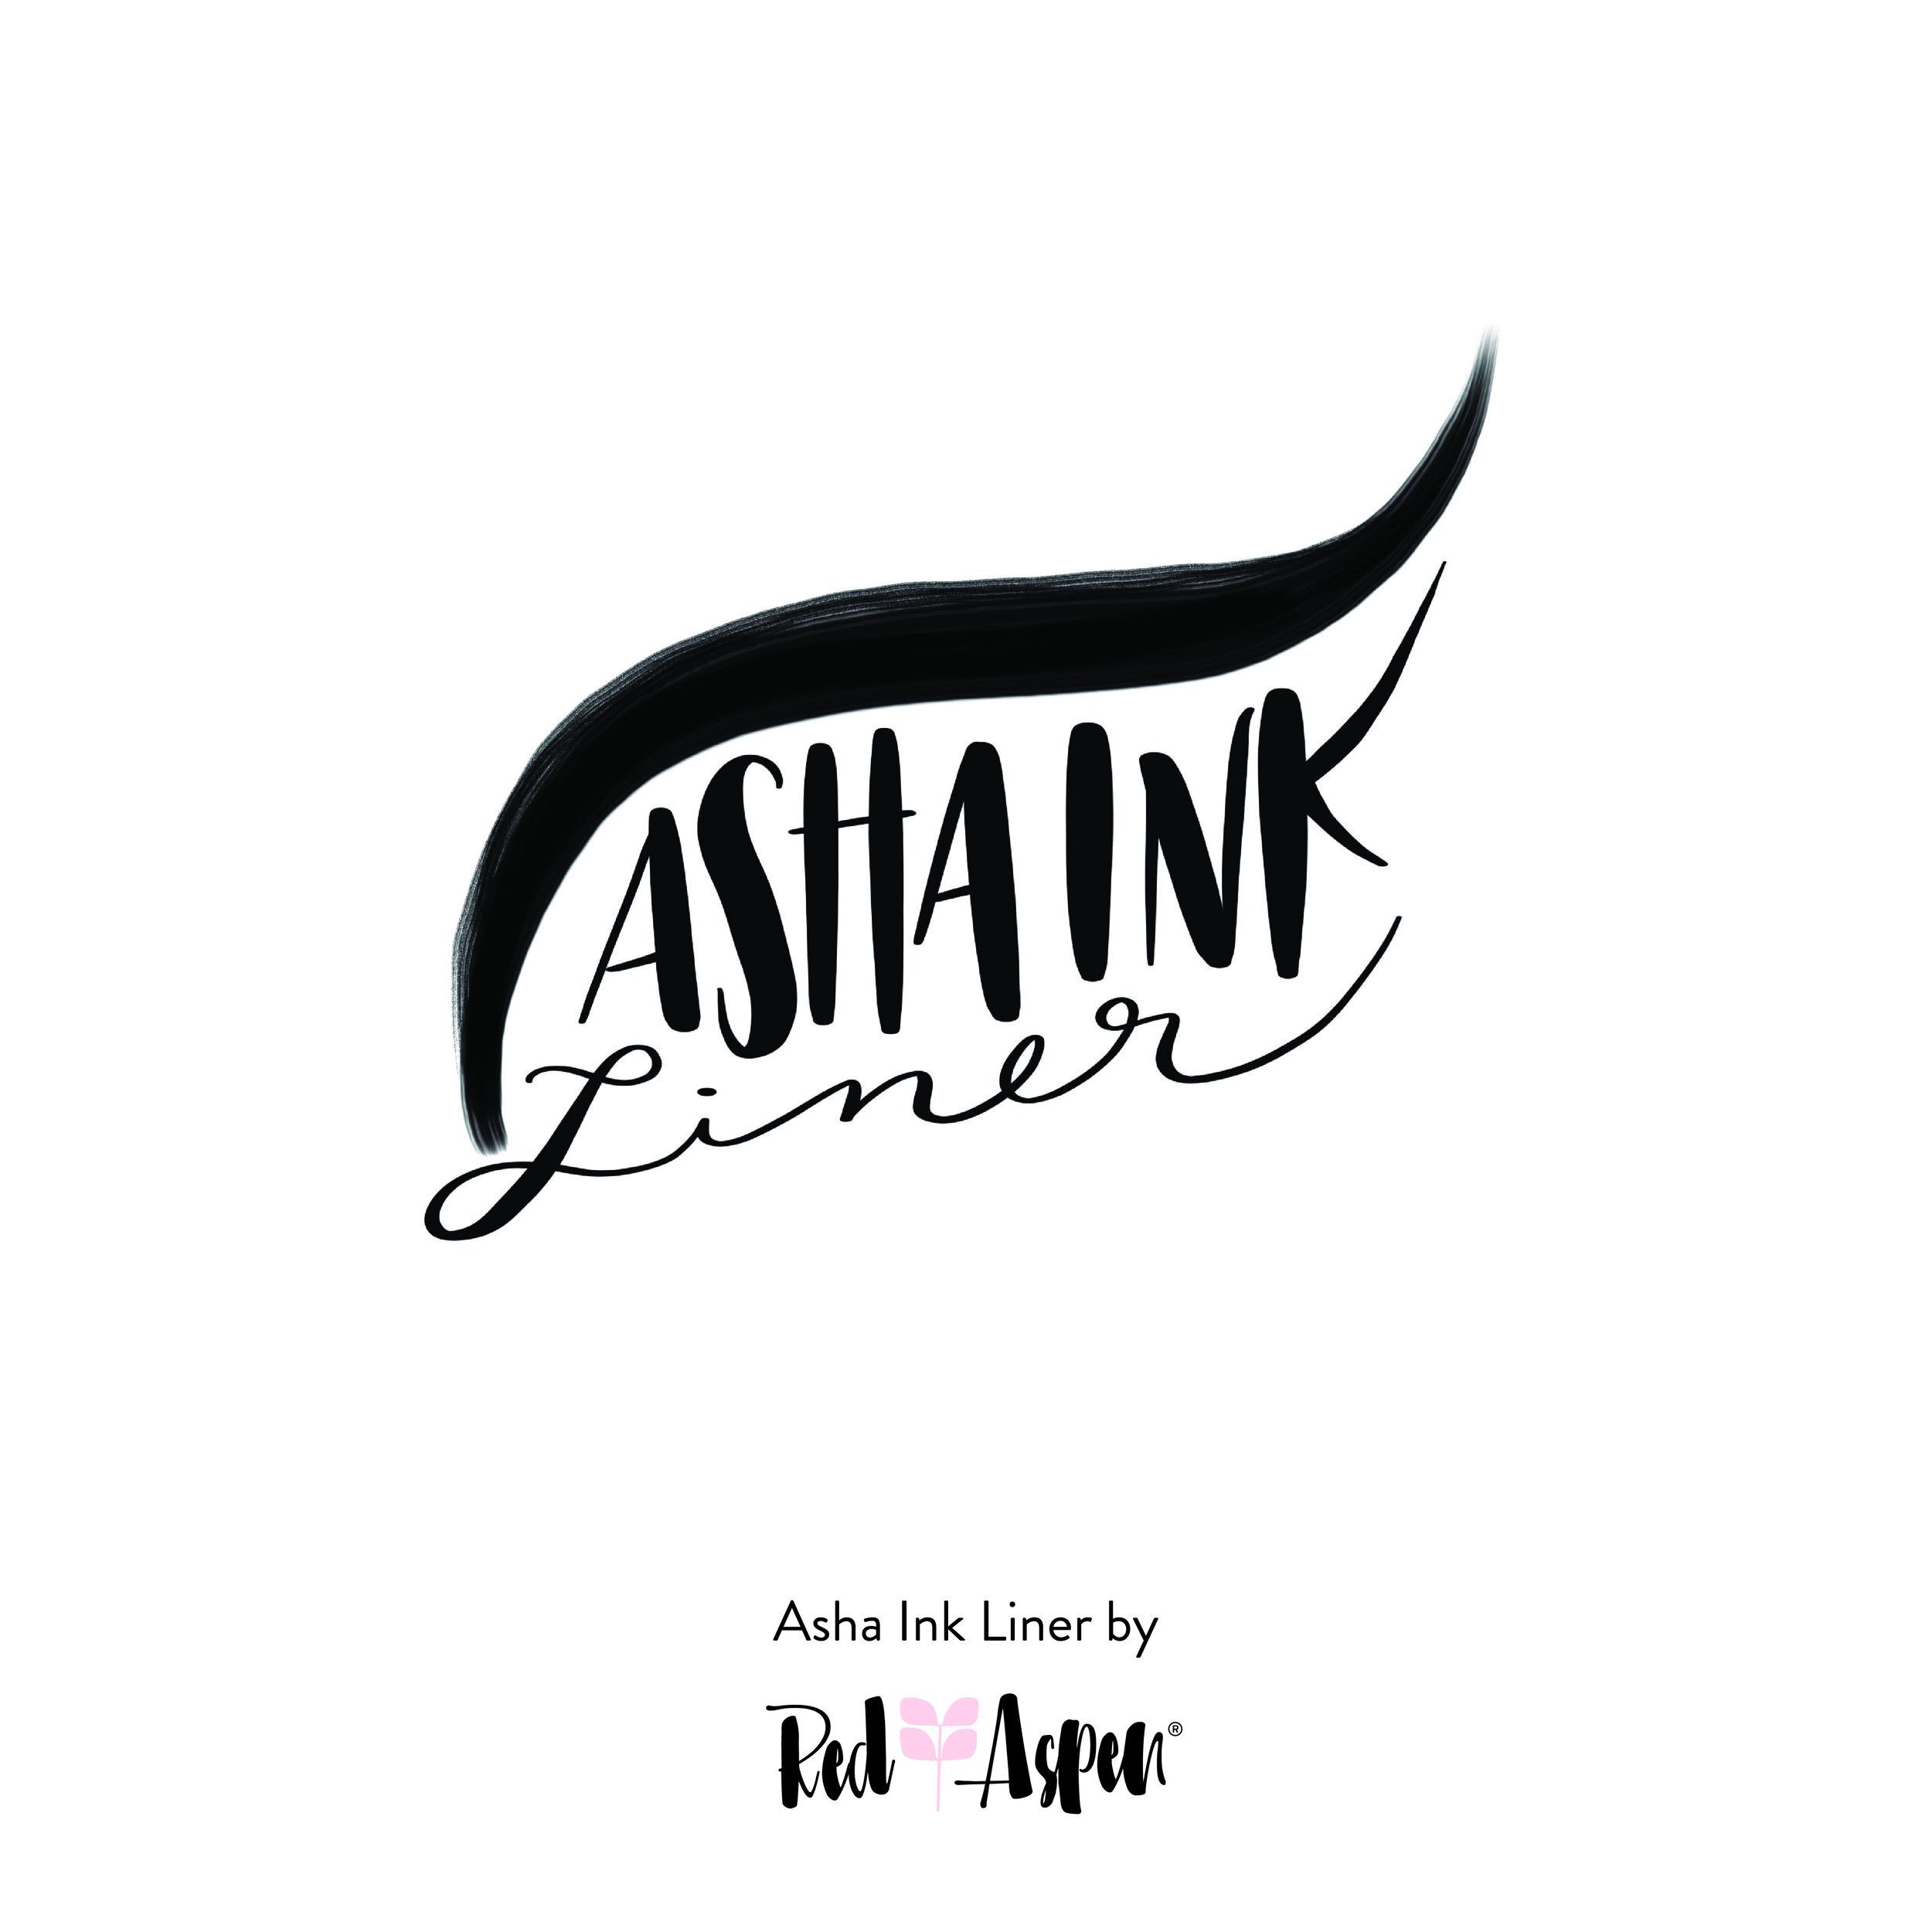 Asha Ink Liner - Social Images (5).jpg